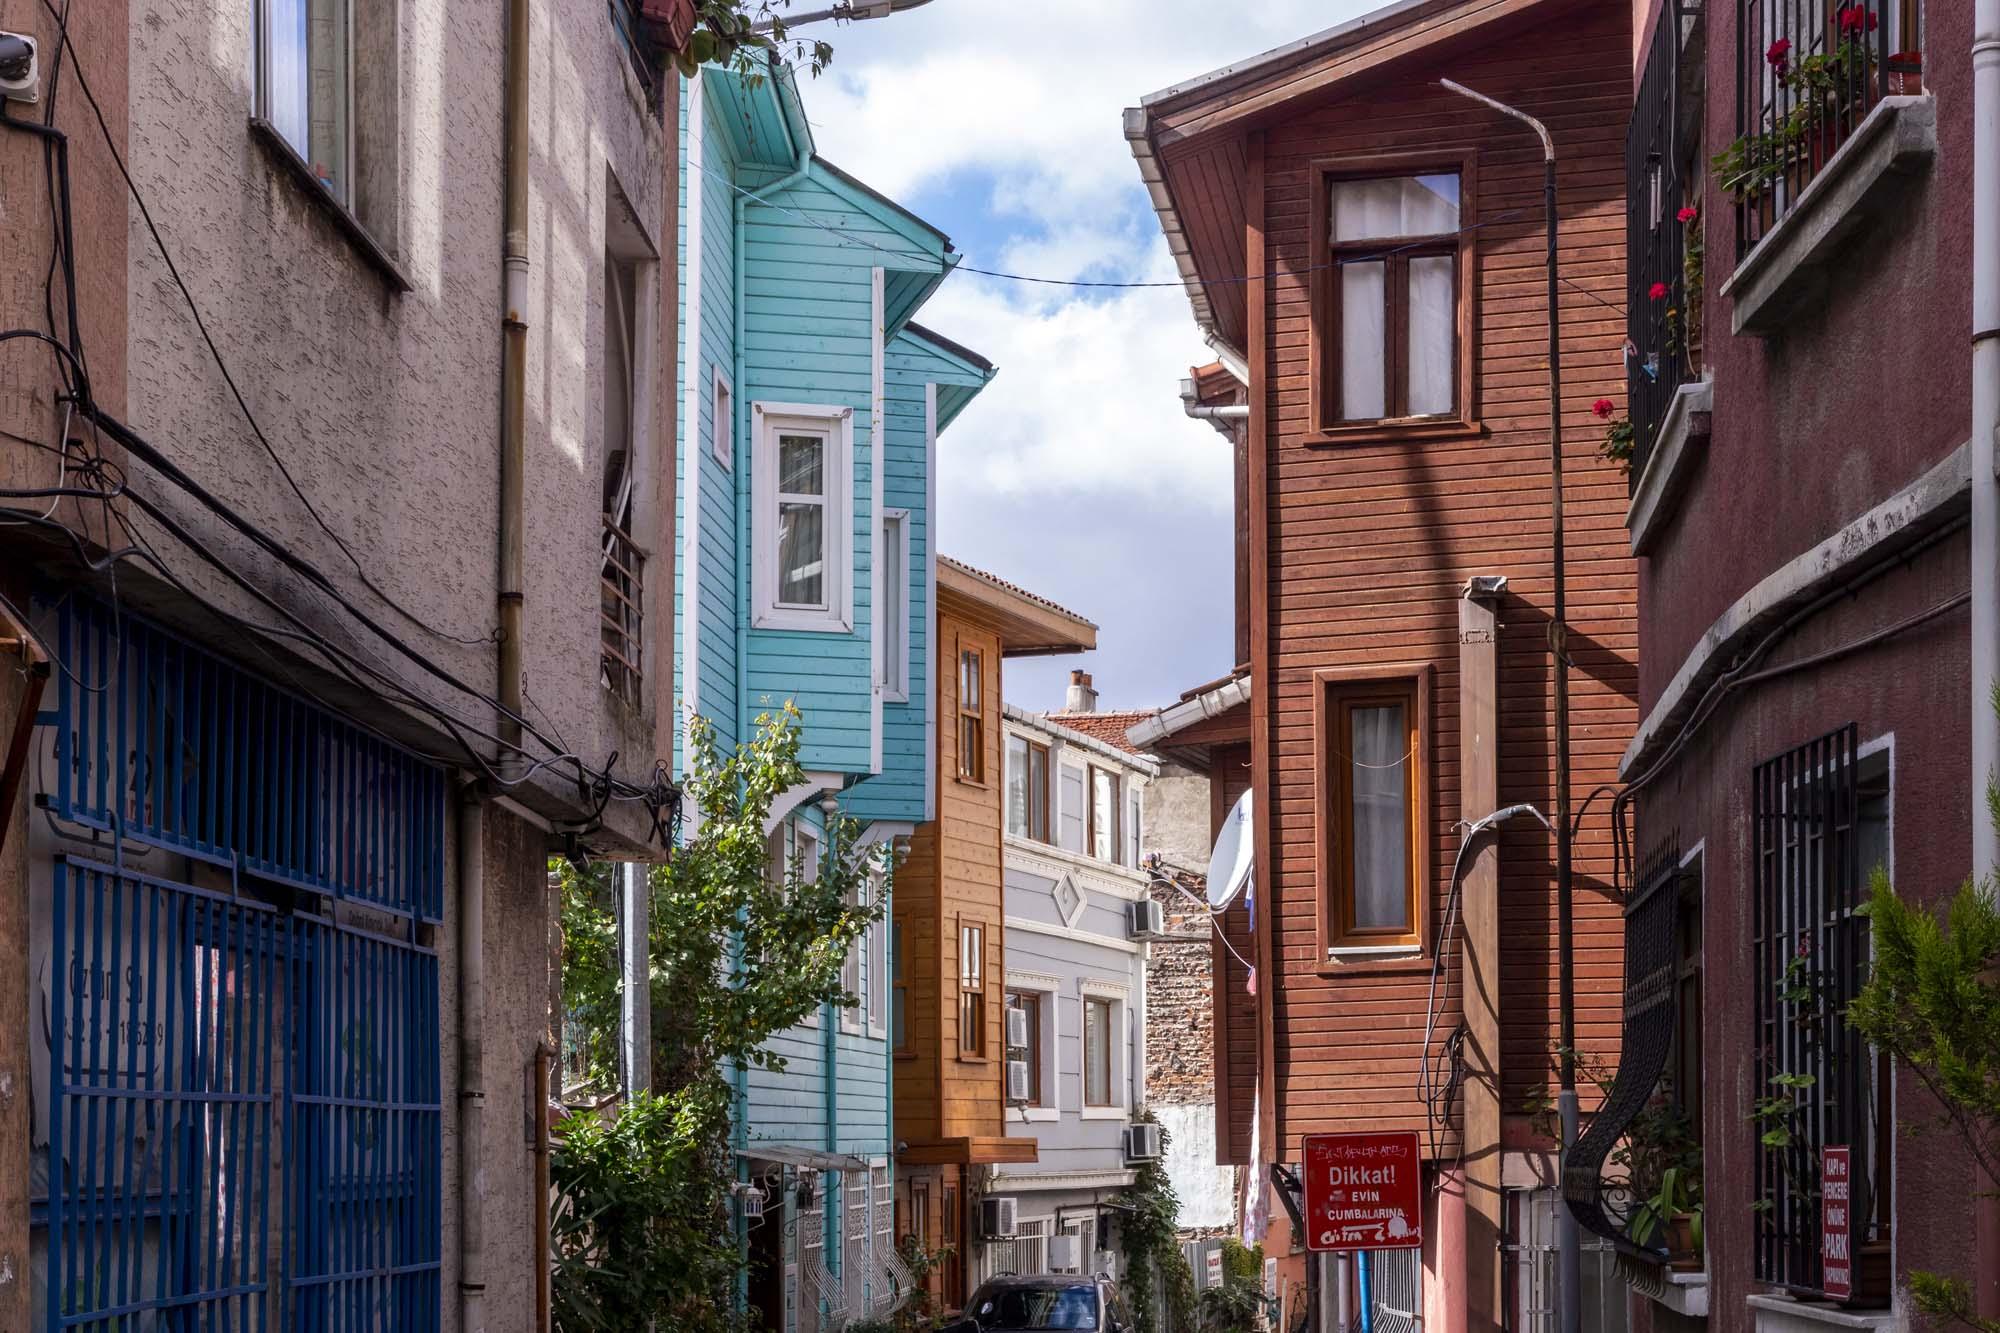 District de Fatih dans la ville d'İstanbul en Turquie